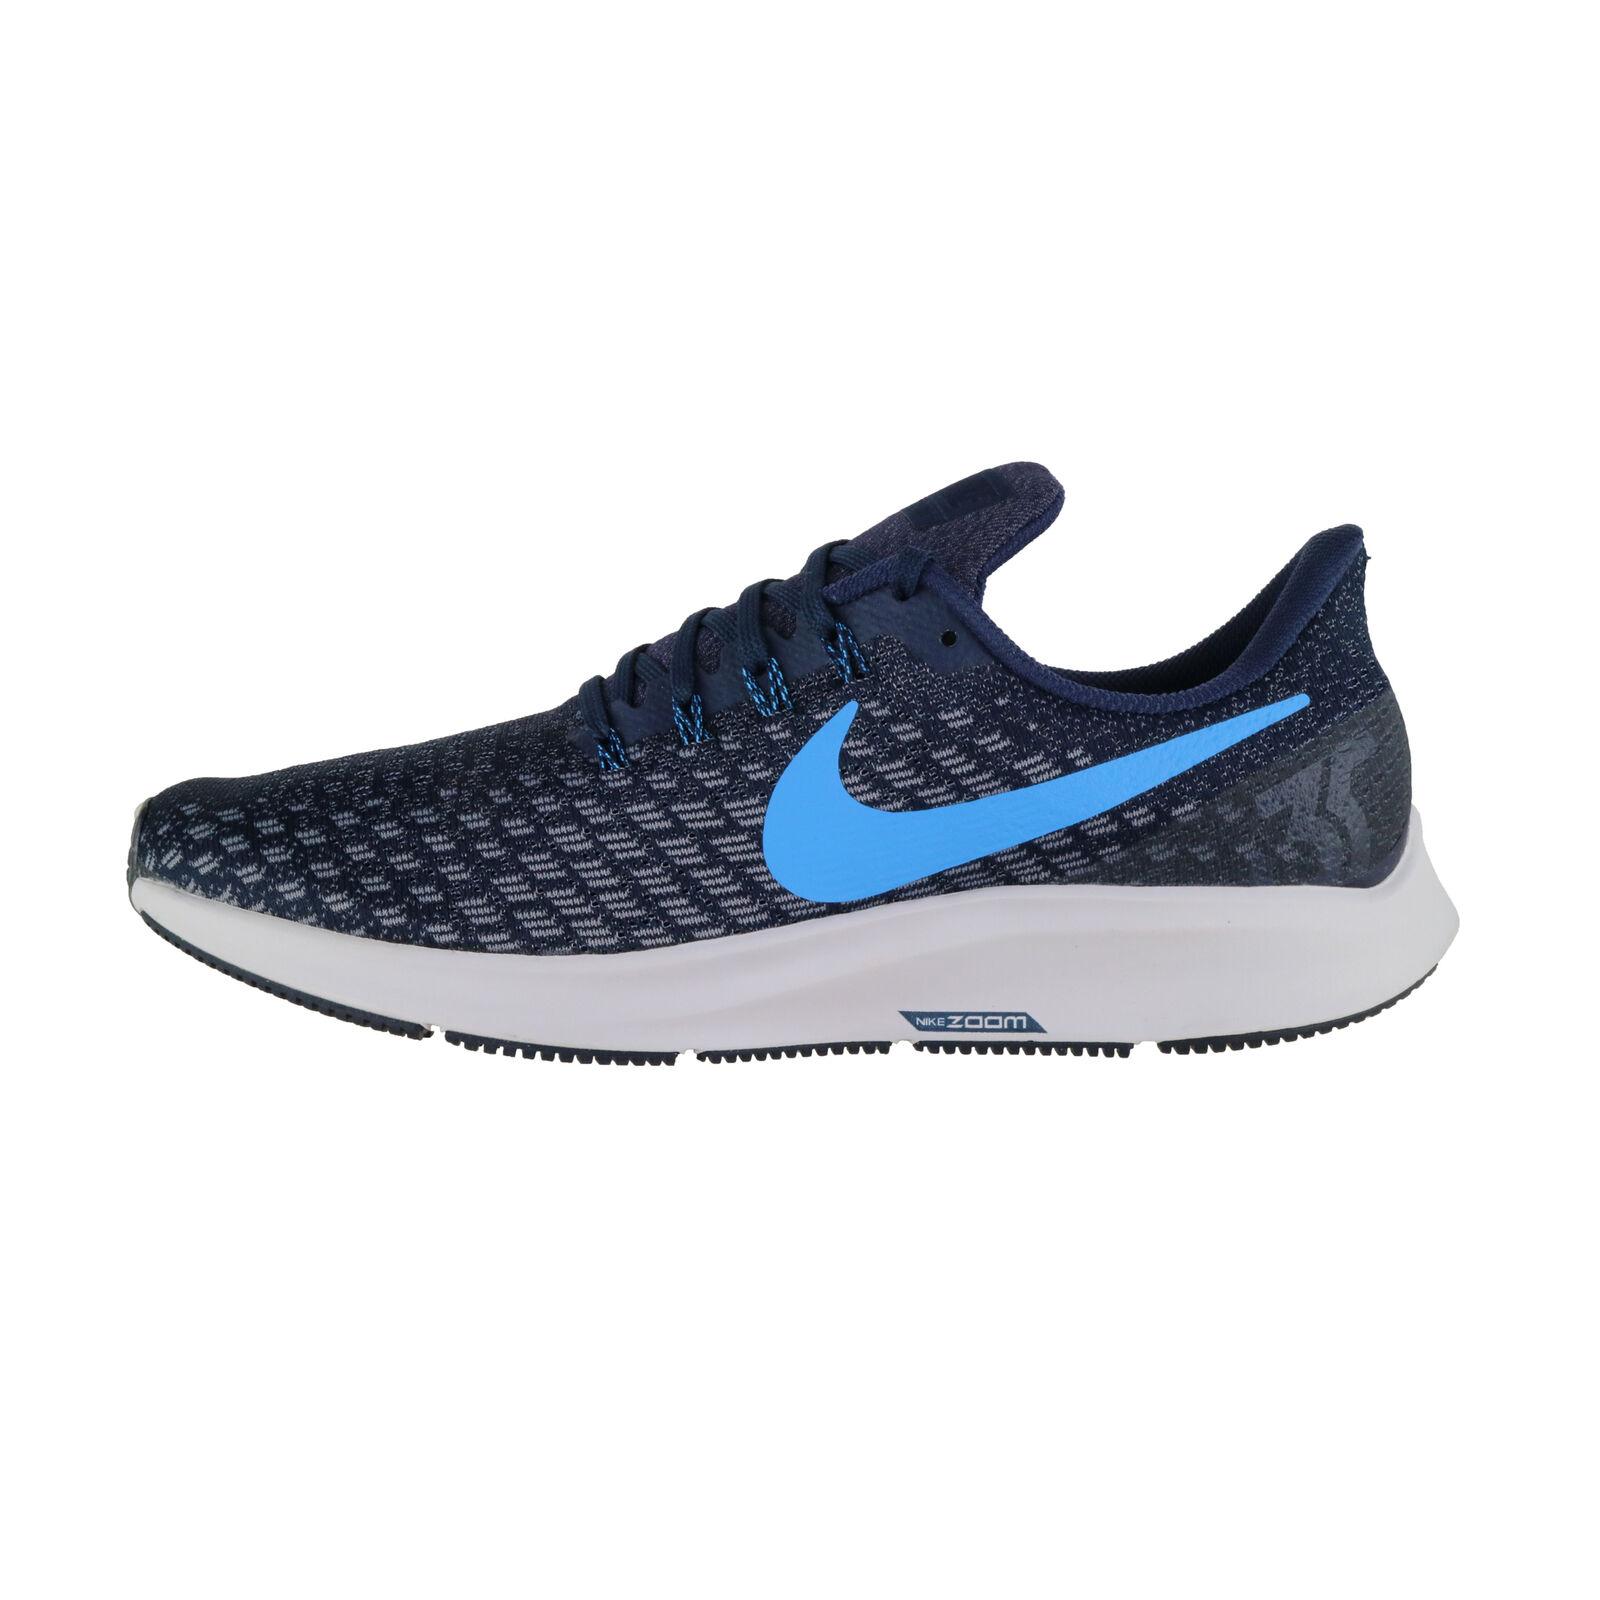 Nike Air Zoom Pegasus 35 Herren Laufschuhe Running Schuhe 942851 401 dunkelblau